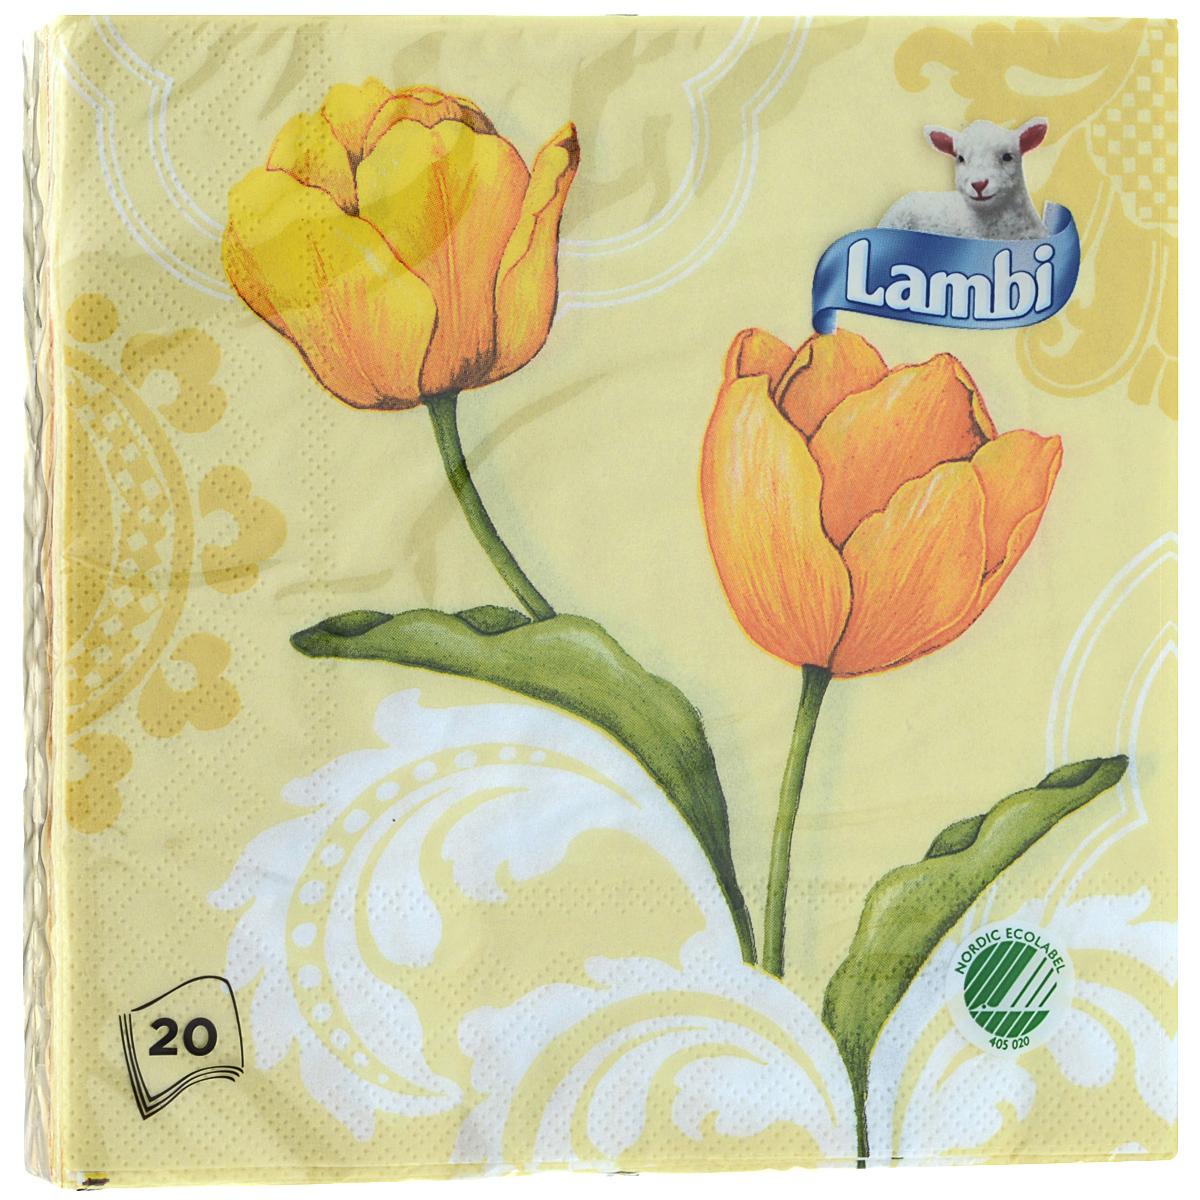 Салфетки Lambi Желтые тюльпаны, трехслойные, 33 см х 33 см, 20 шт56198Трехслойные бумажные салфетки Lambi Желтые тюльпаны, изготовленные из экологически чистого, высококачественного сырья - 100% целлюлозы, станут отличным дополнением праздничного стола. Они отличаются необыкновенной мягкостью и прочностью. Яркий дизайн салфеток с цветочным принтом придется вам по душе и подарит положительные эмоции. Товар сертифицирован.